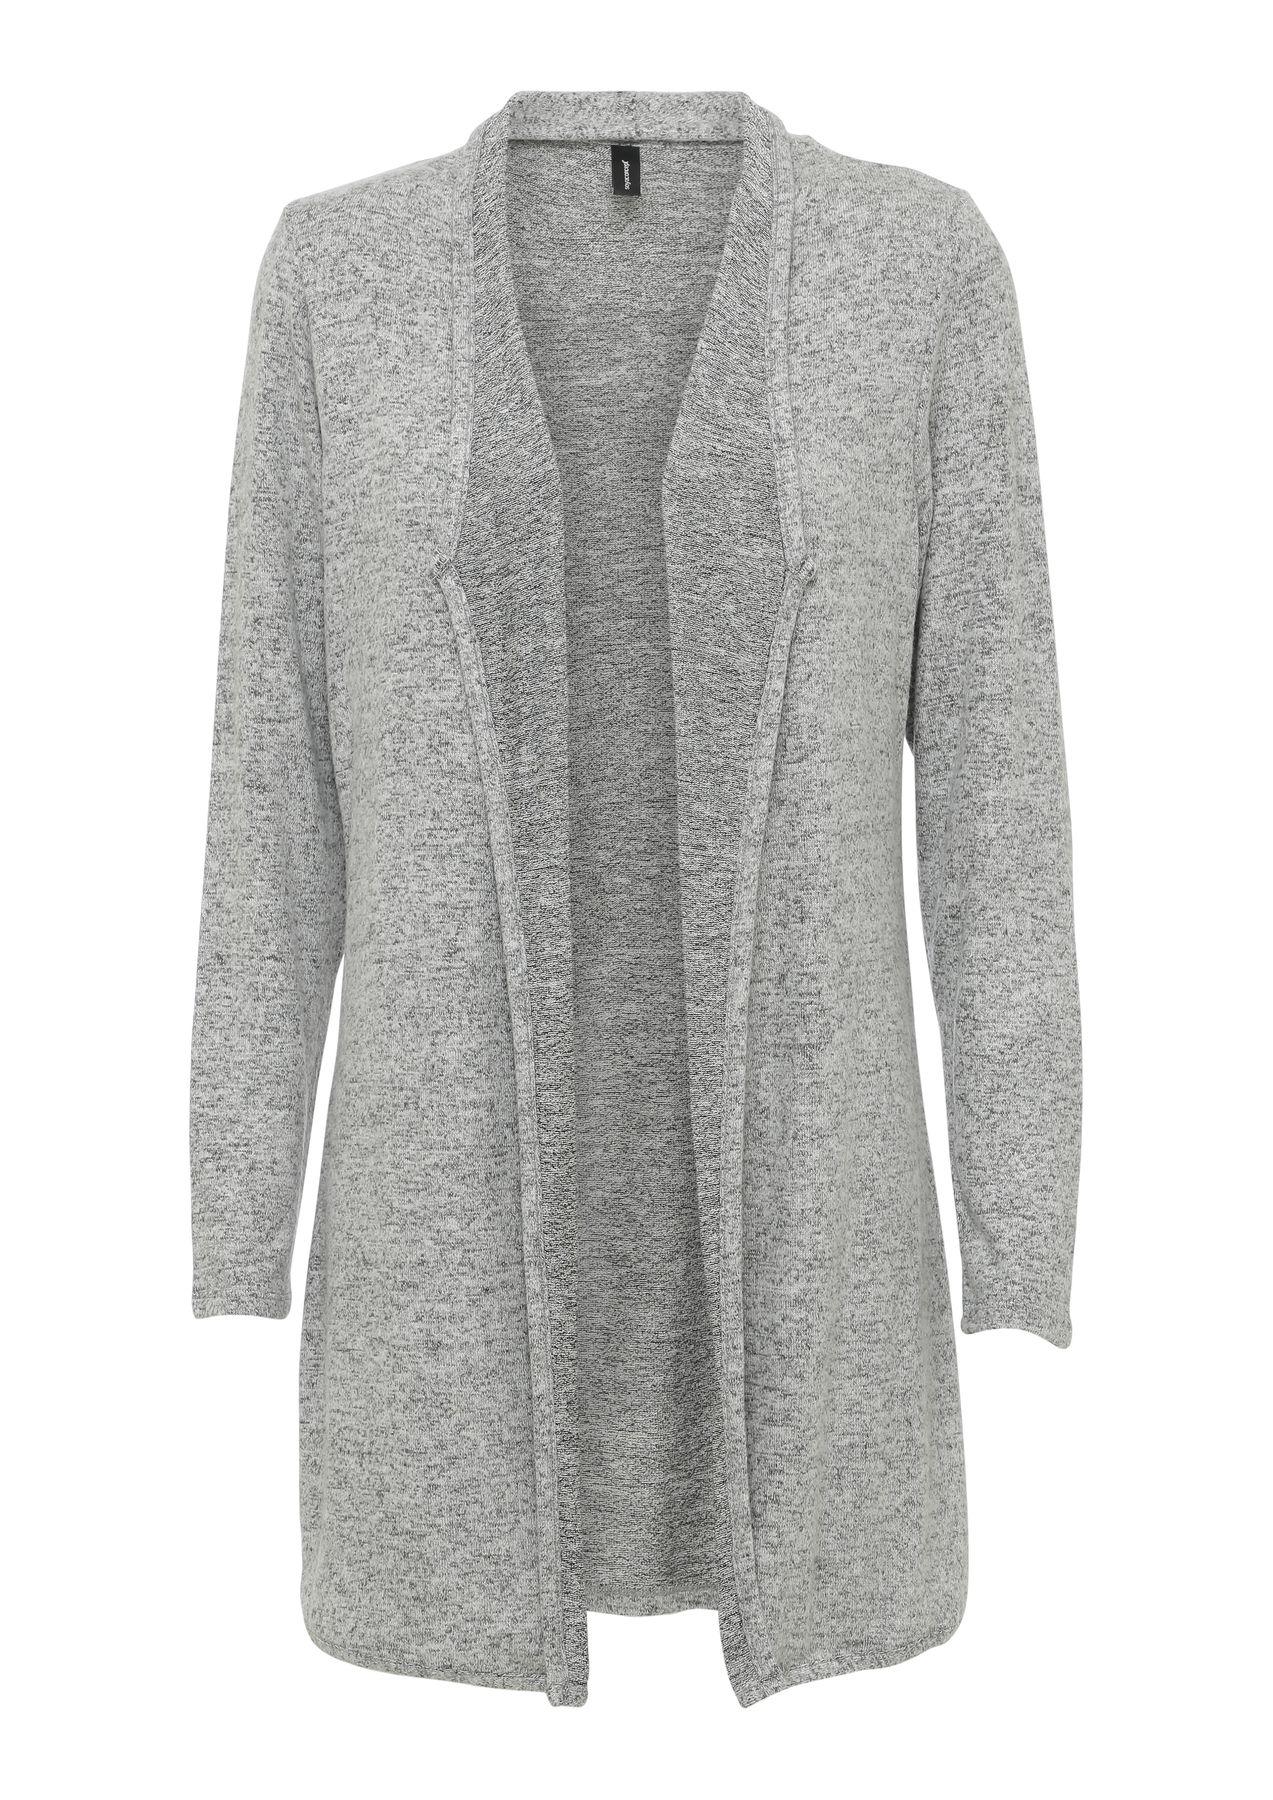 Soyaconcept - Damen Jersey Jacke in verschiedenen Farben, SC-Biara 21 (23798) – Bild 1